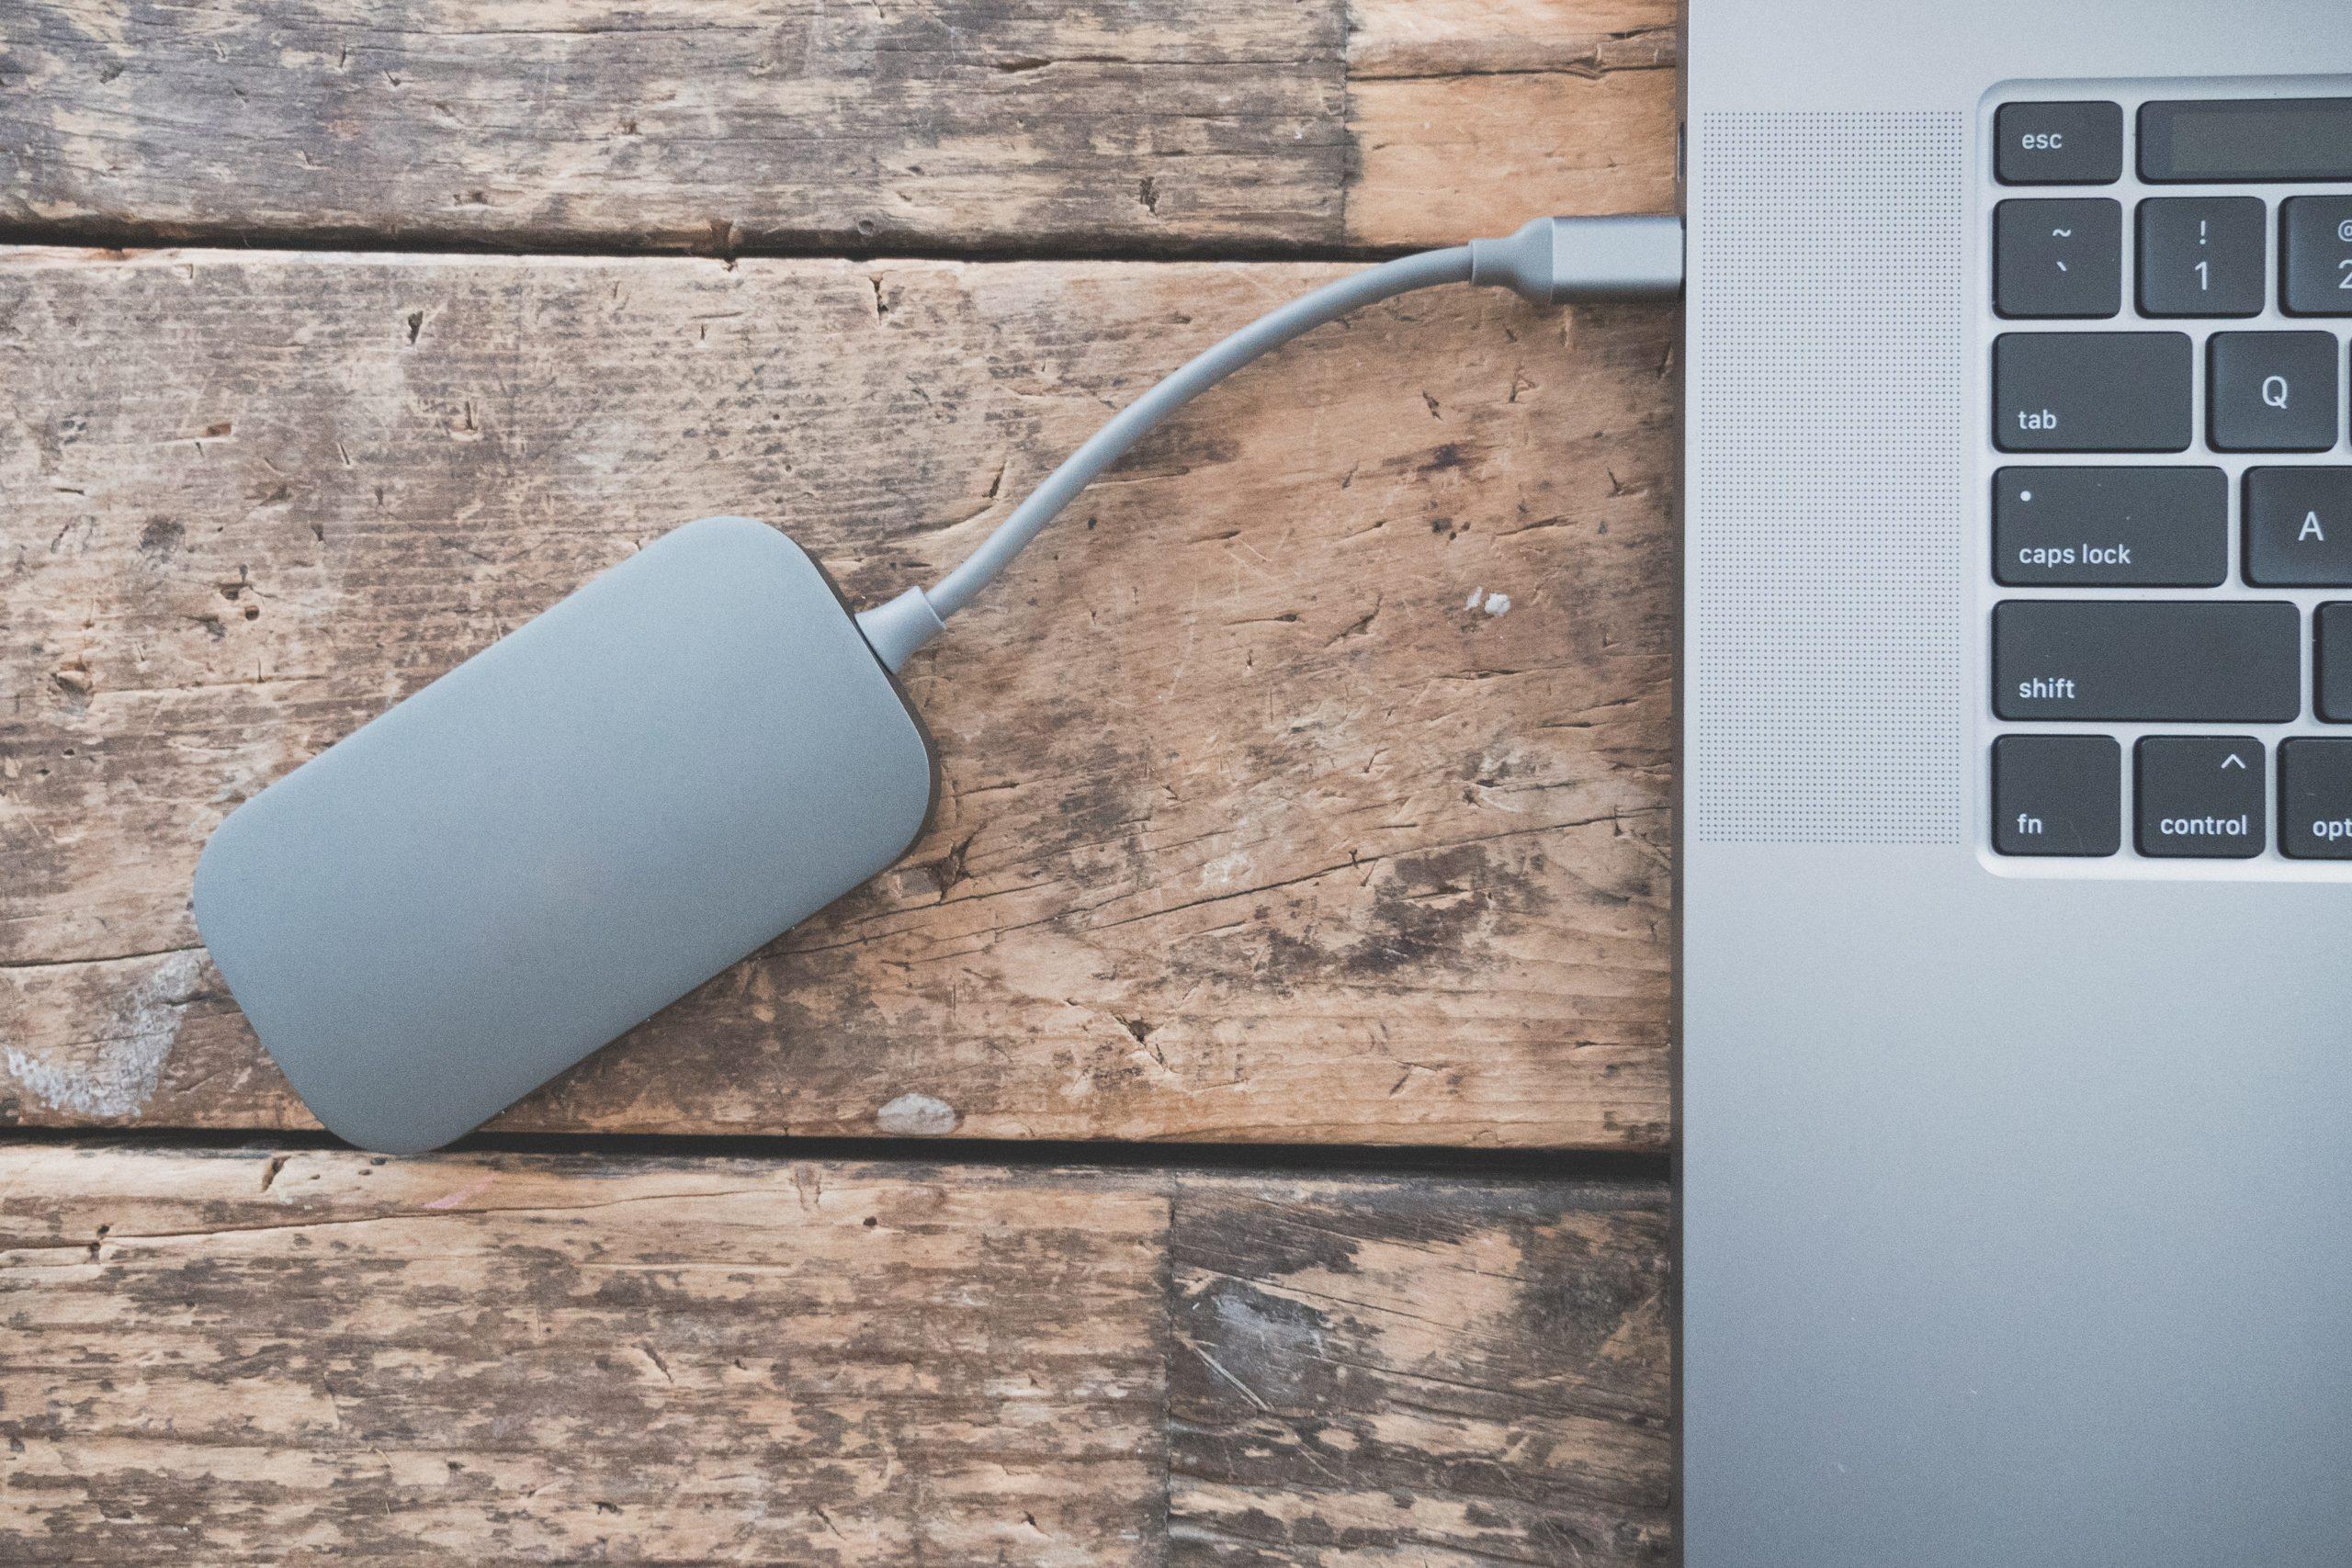 Imagem mostra um HD externo conectado a um notebook.